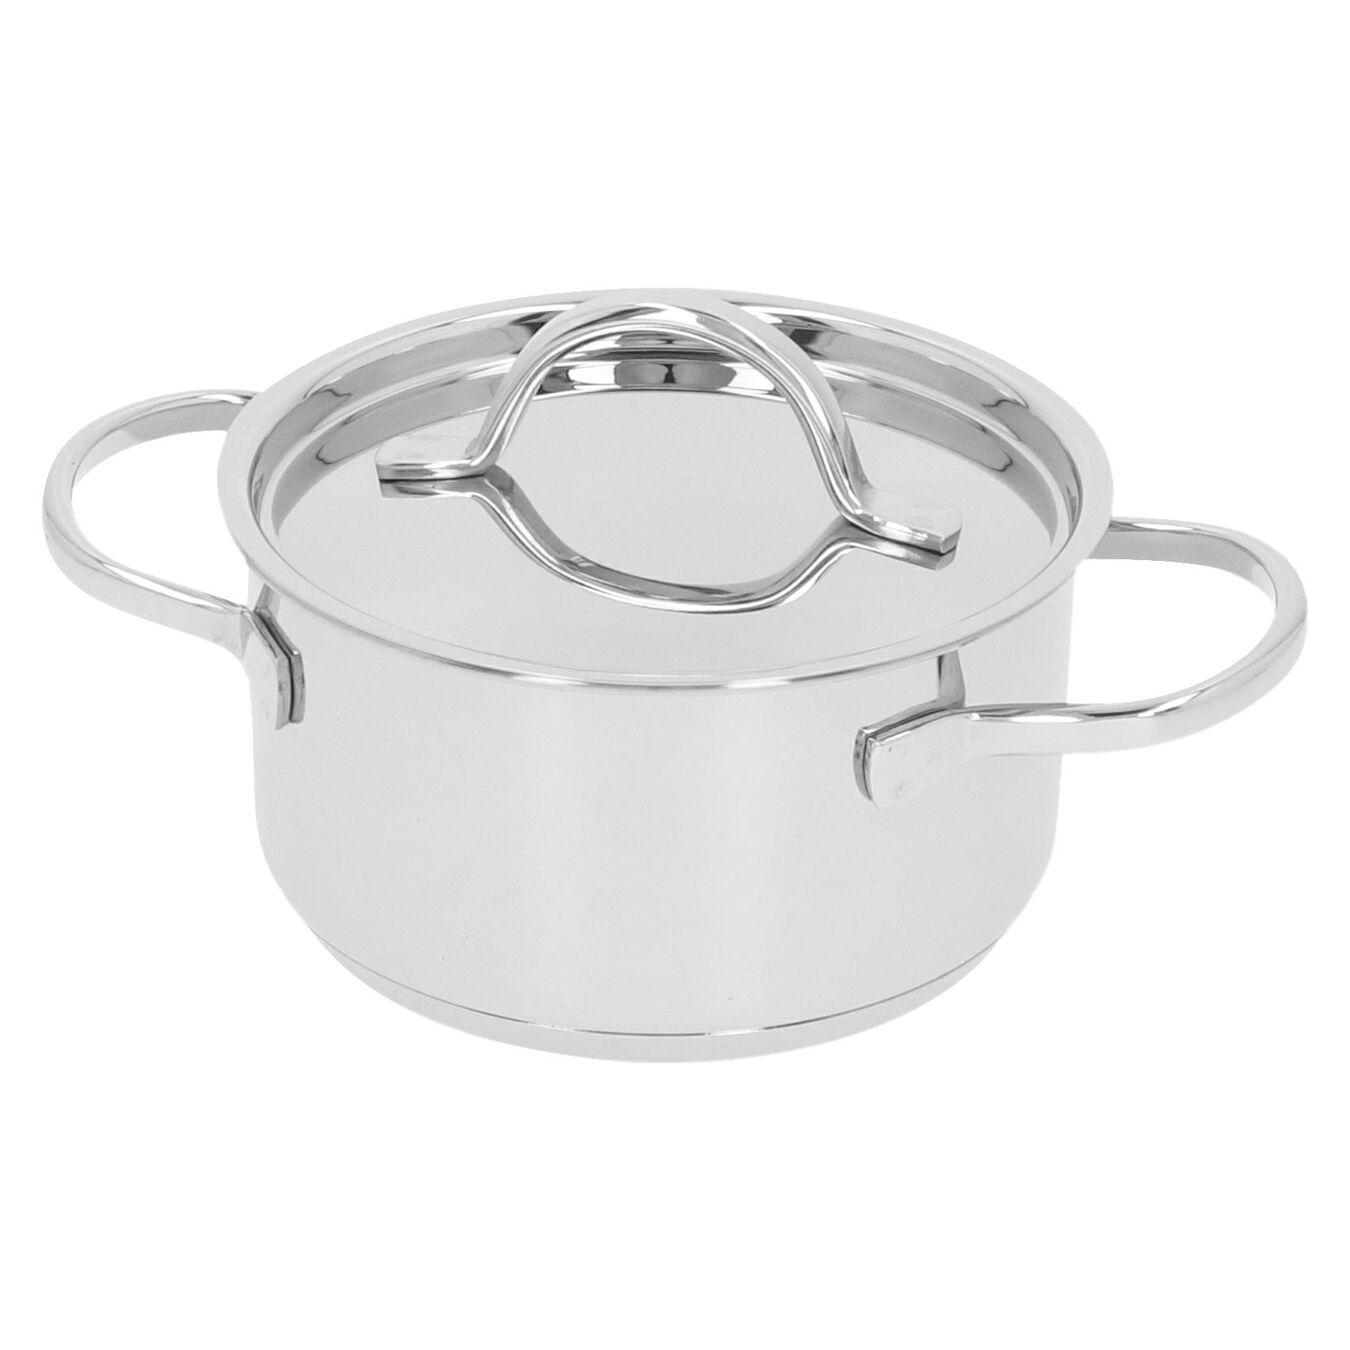 Set de casseroles, 4-pces,,large 11